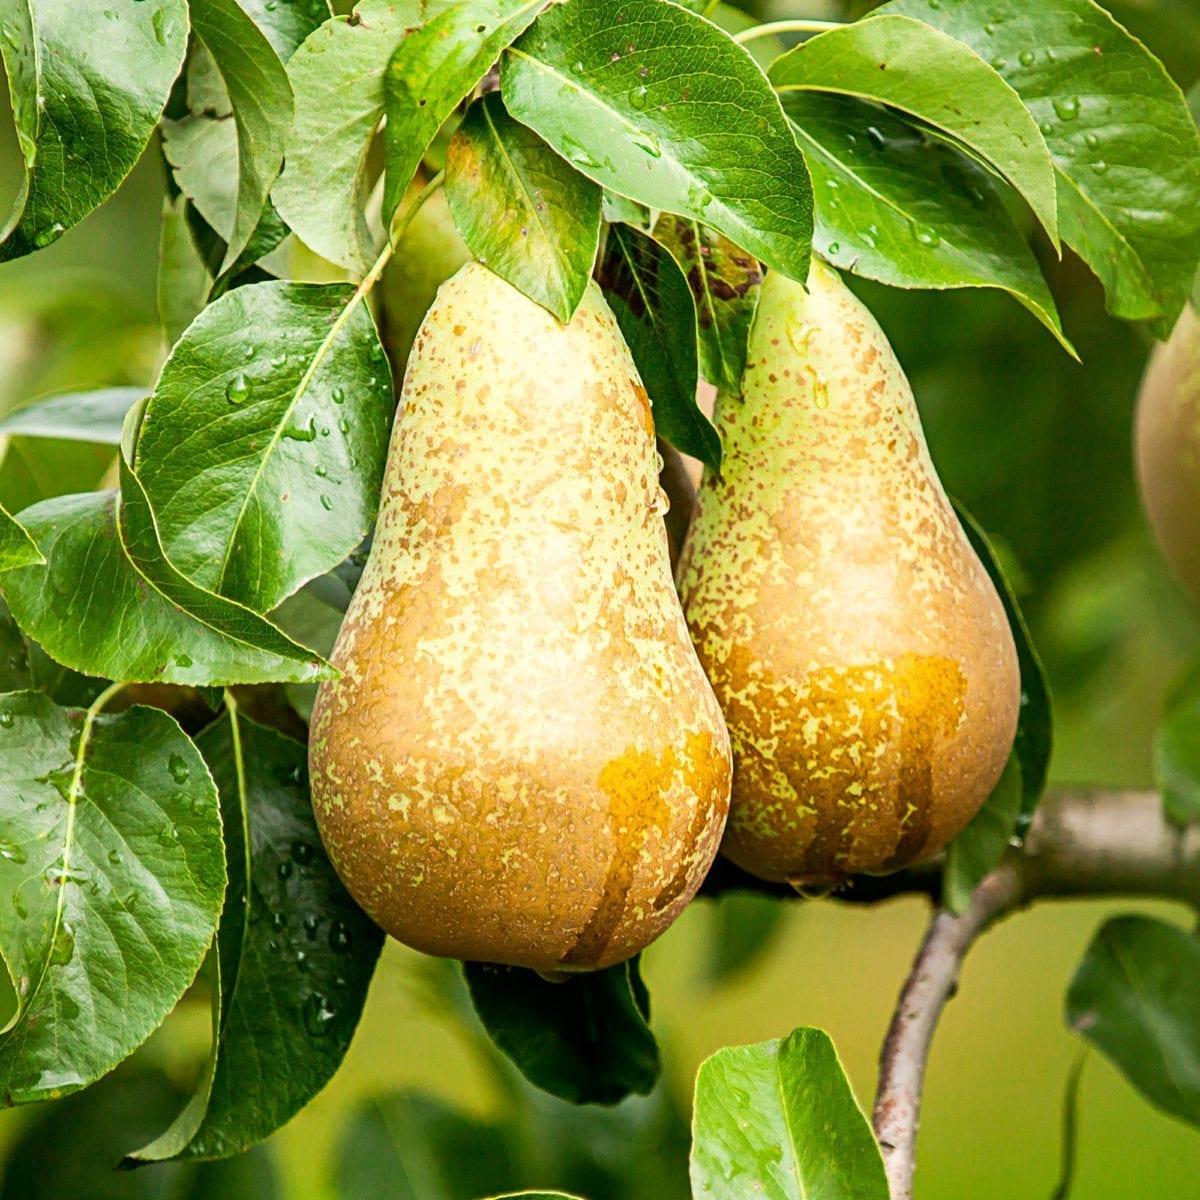 Boskoopsefruitbomen | Peer aan boom